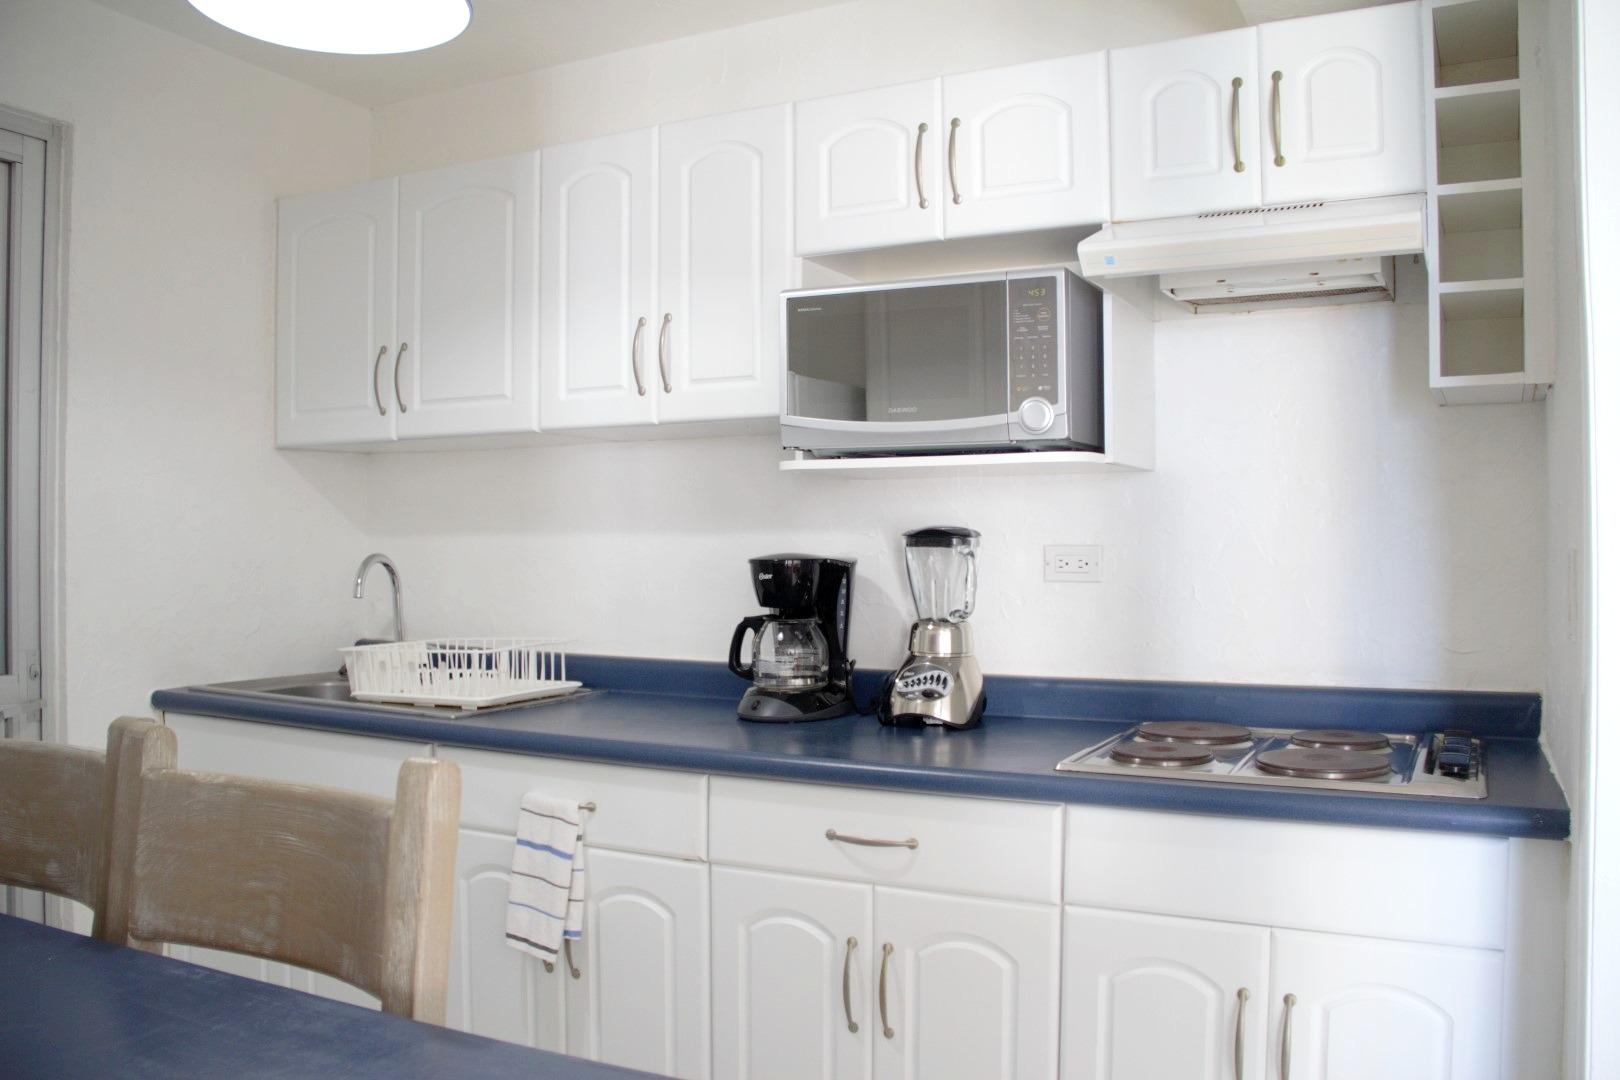 Galley-style kitchen.